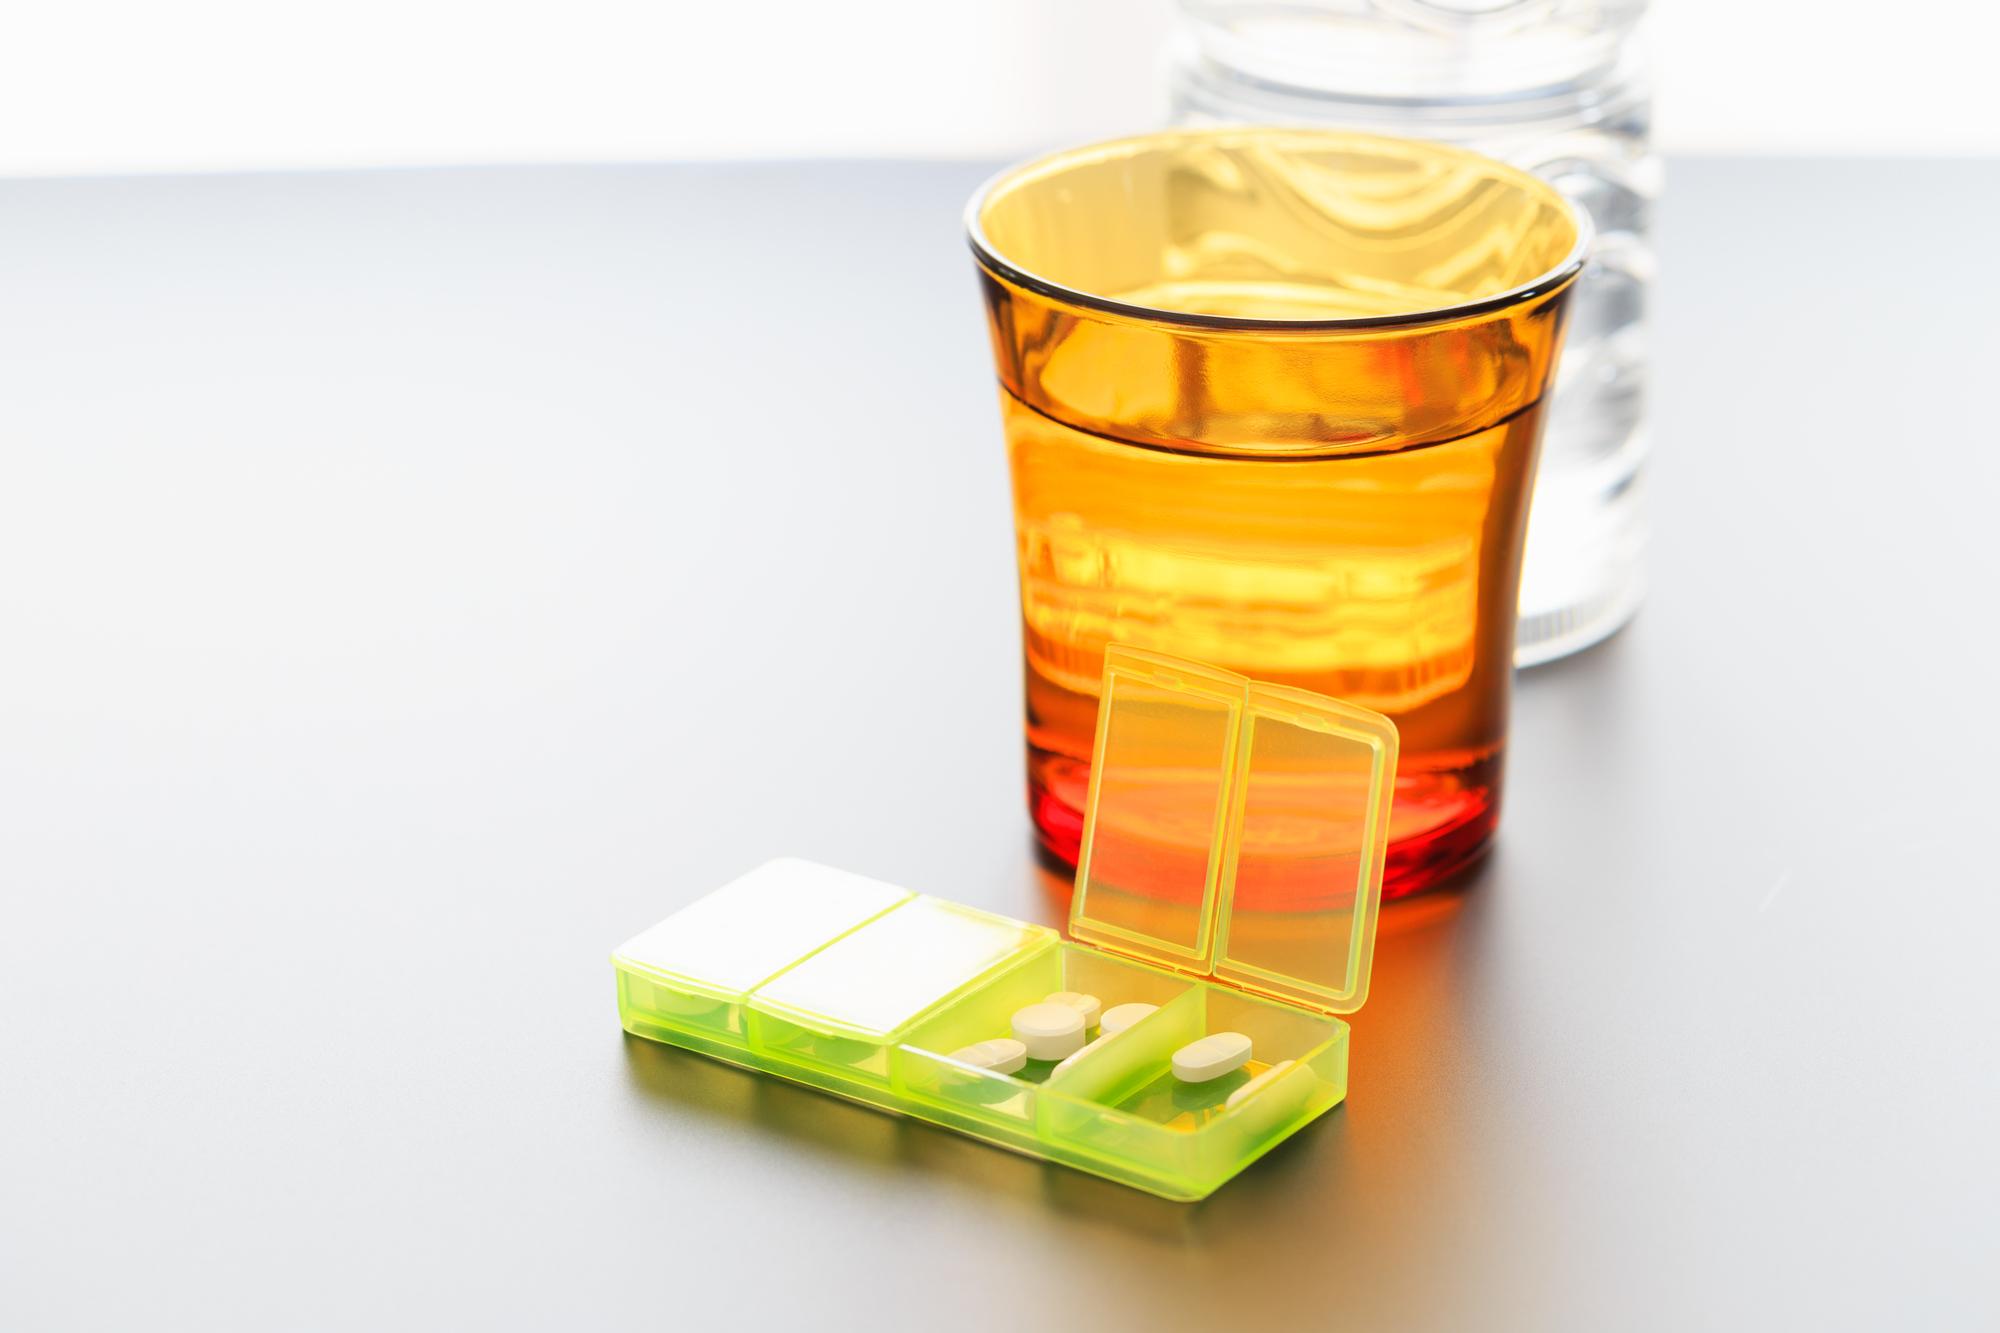 海外旅行に行くときは、常備薬と保険を忘れずに!